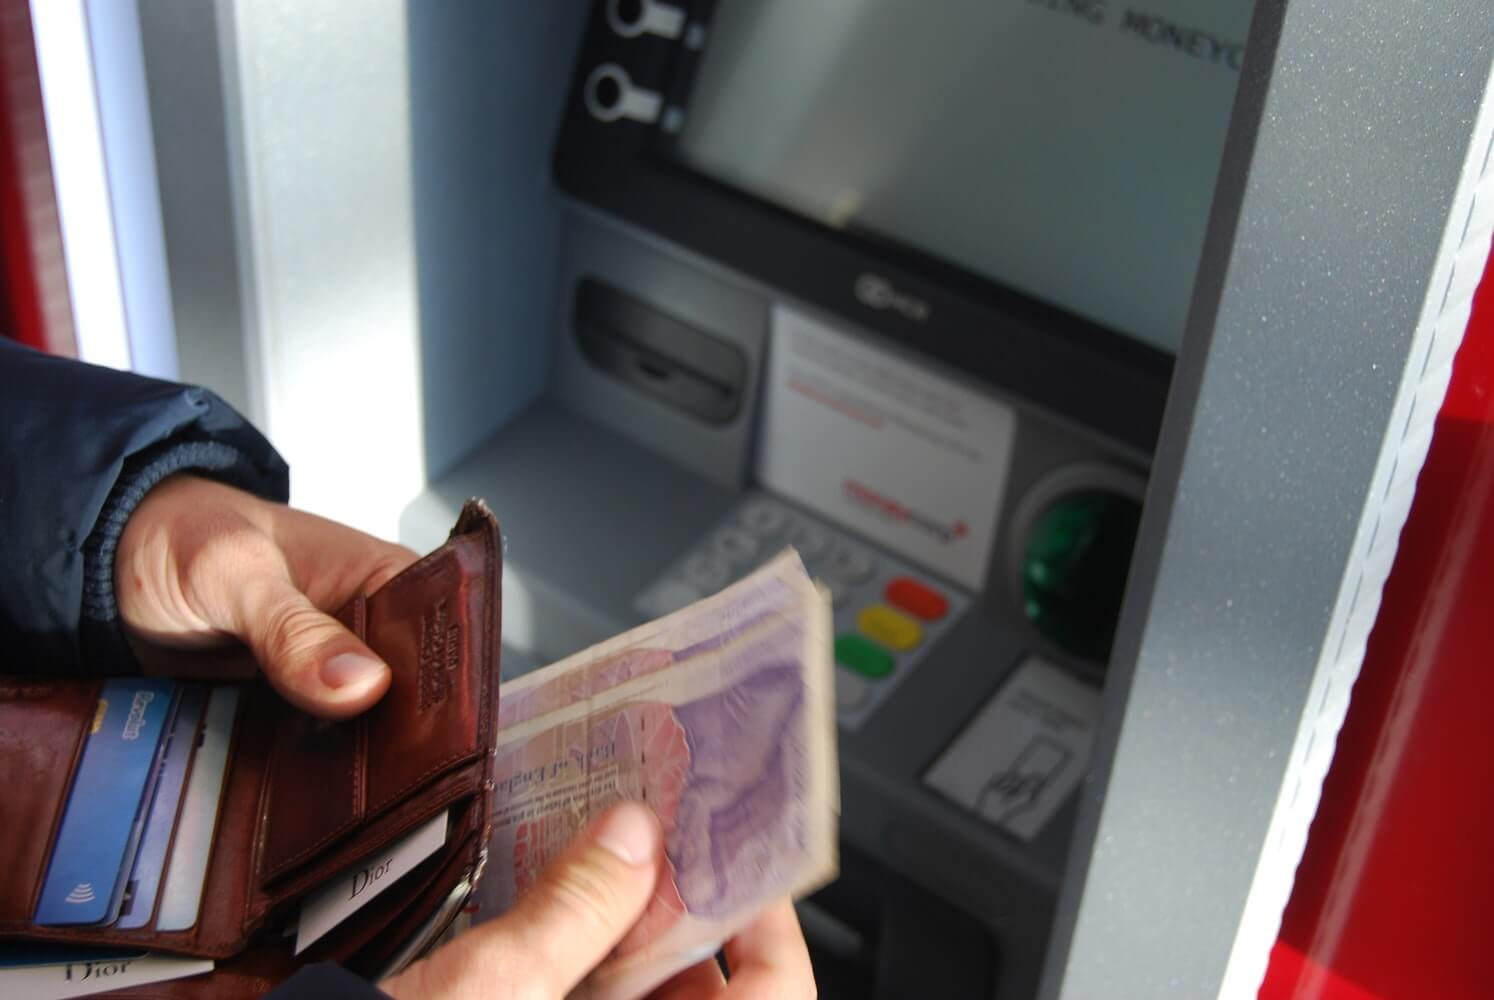 HNB poručuje umirovljenicima: Zovite banke i pitajte kada je najsigurnije doći!